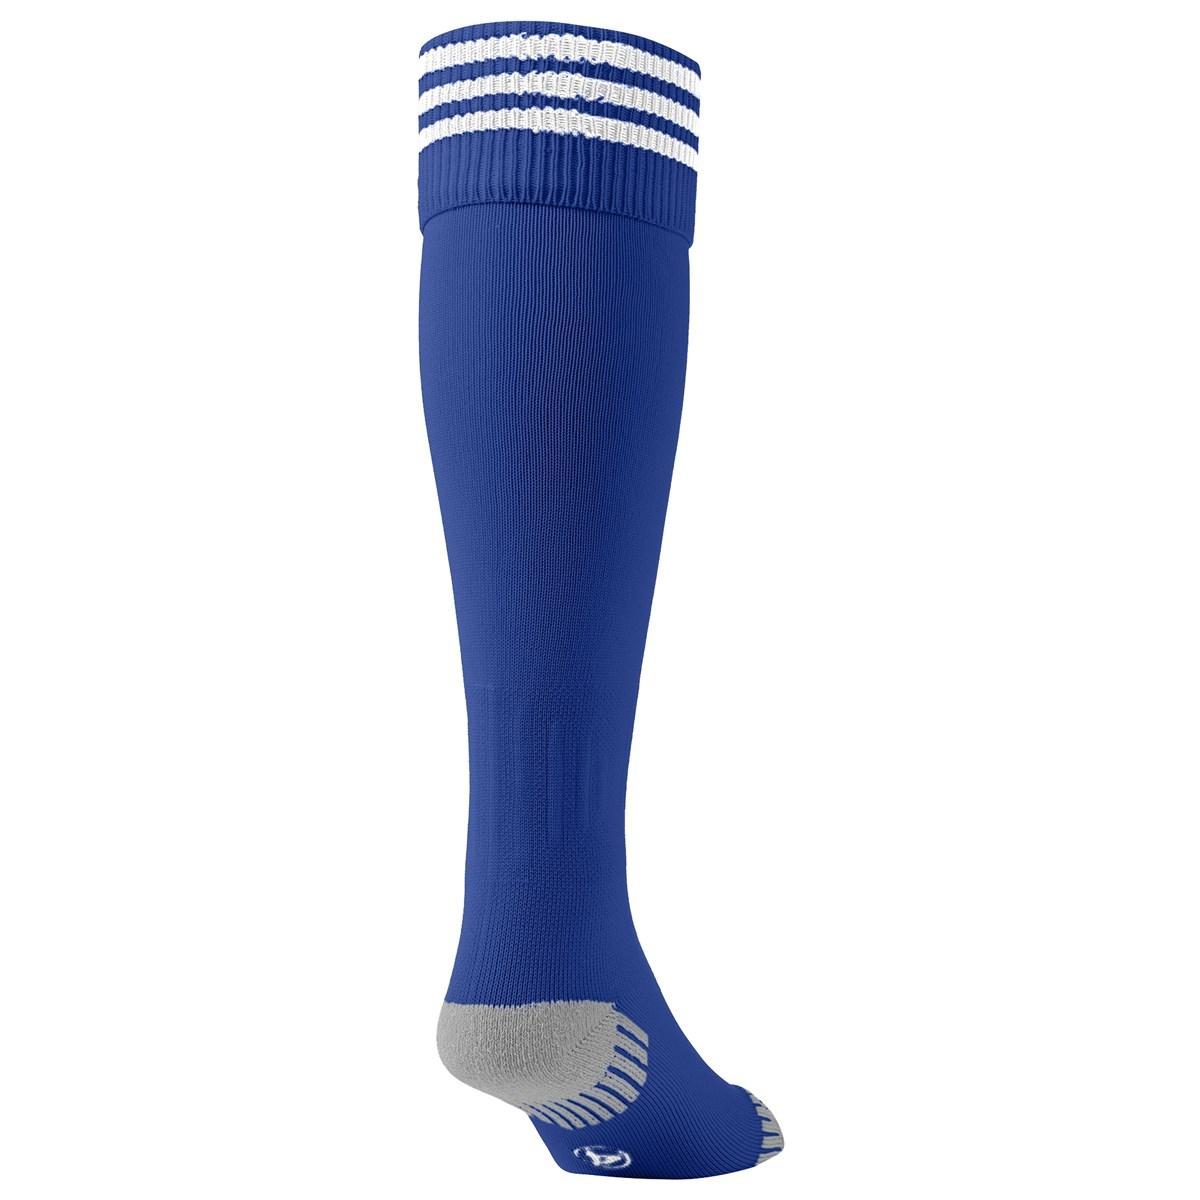 Adisocks 12 Erkek Mavi Futbol Çorabı (X20991)